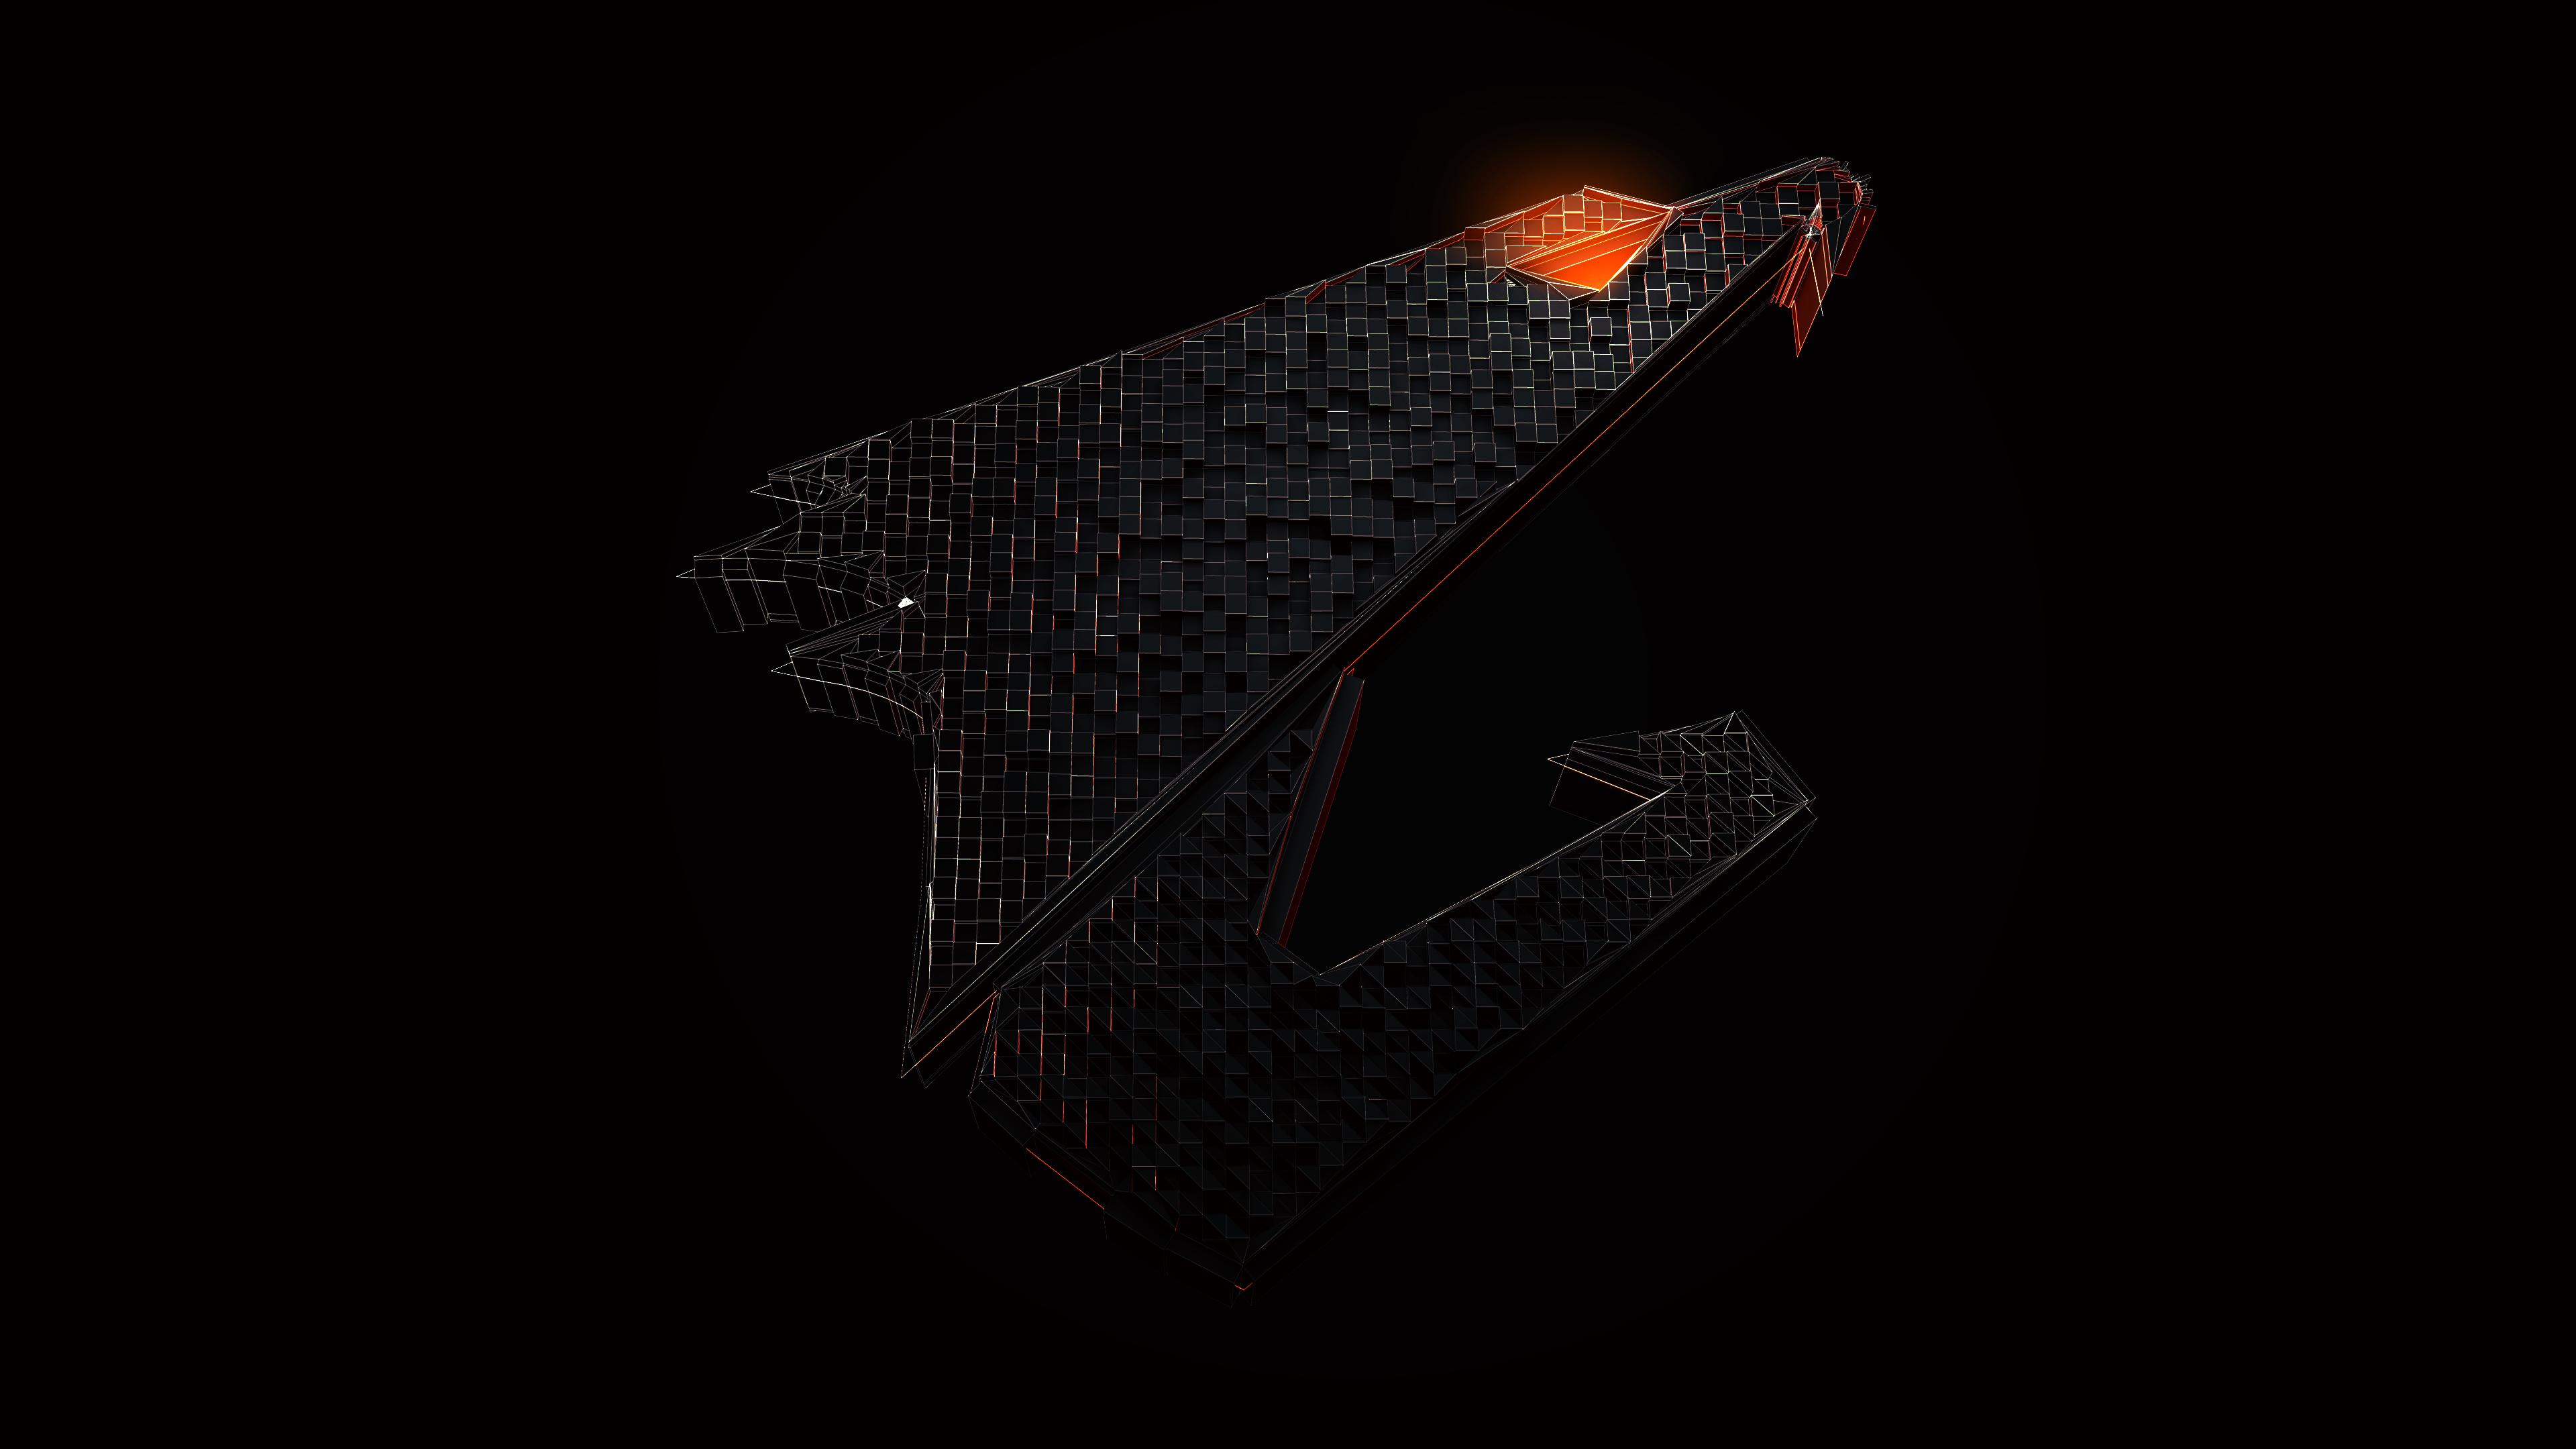 Wallpaper gigabyte aorus logo pc gaming technology - Gaming logo wallpaper ...